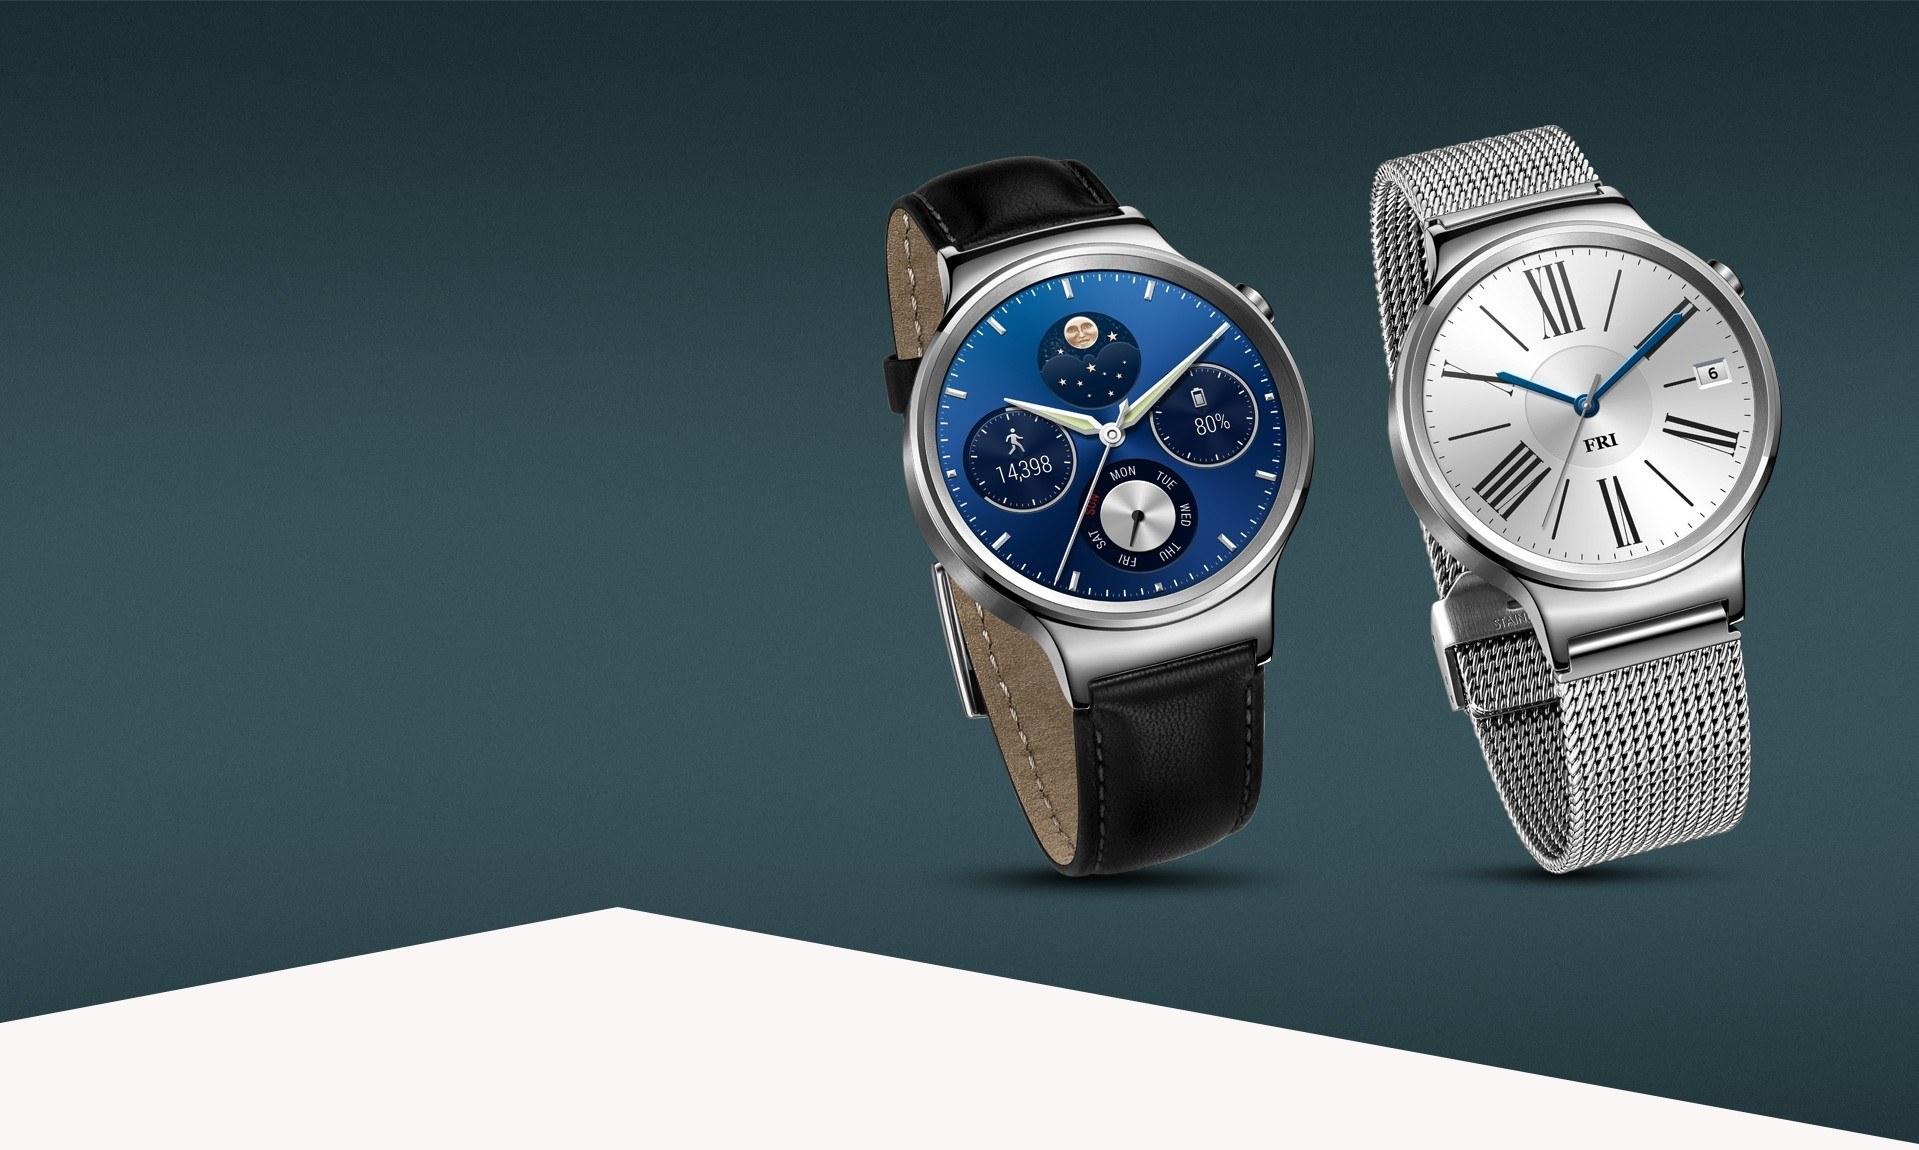 , Huawei a parlé brièvement de sa prochaine montre connectée